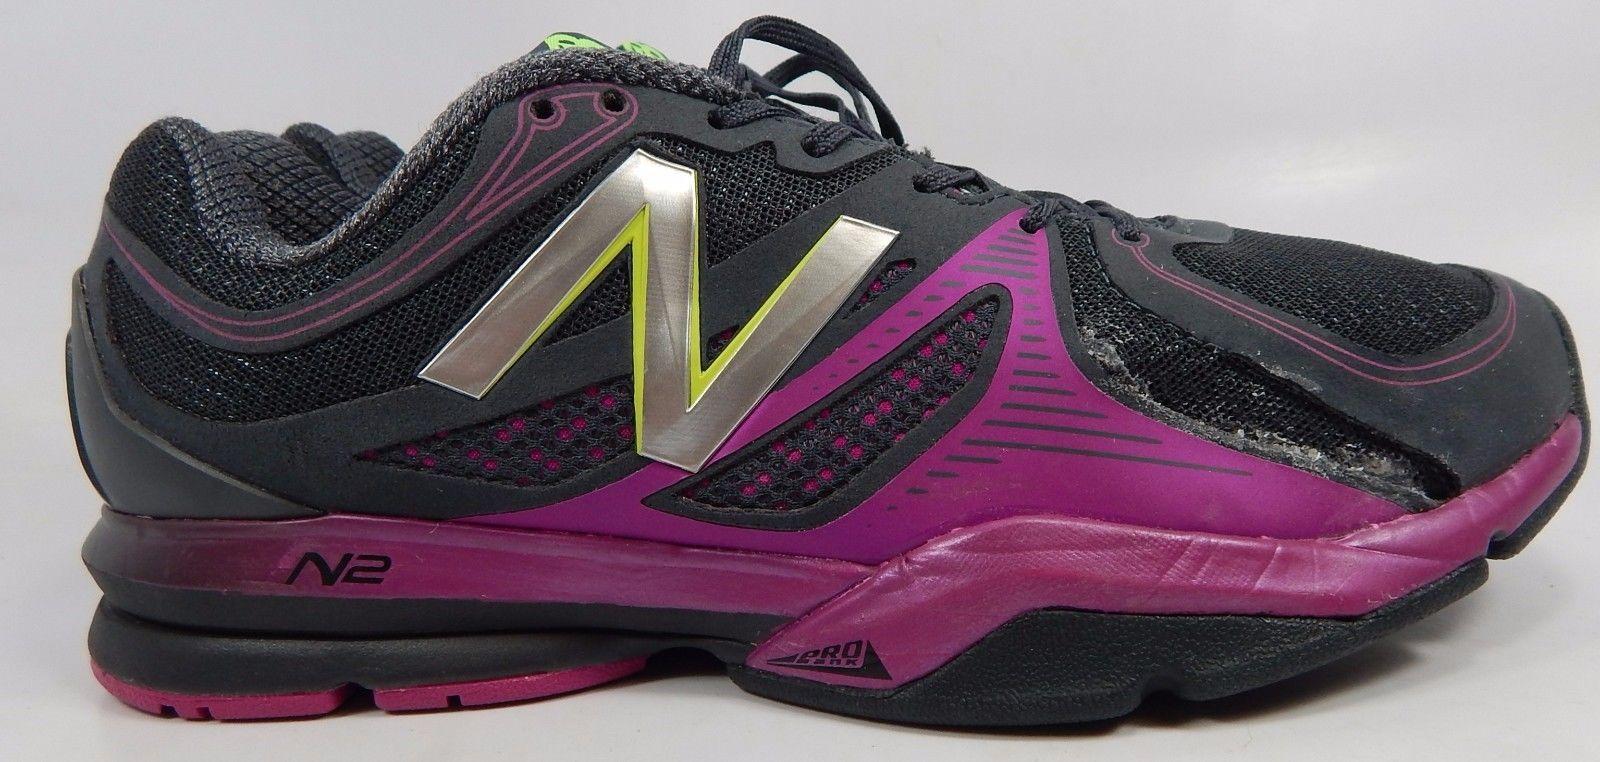 New Balance 1267 Women's Cross Training Shoes Size US 8 M (B) EU 39 WX1267BP